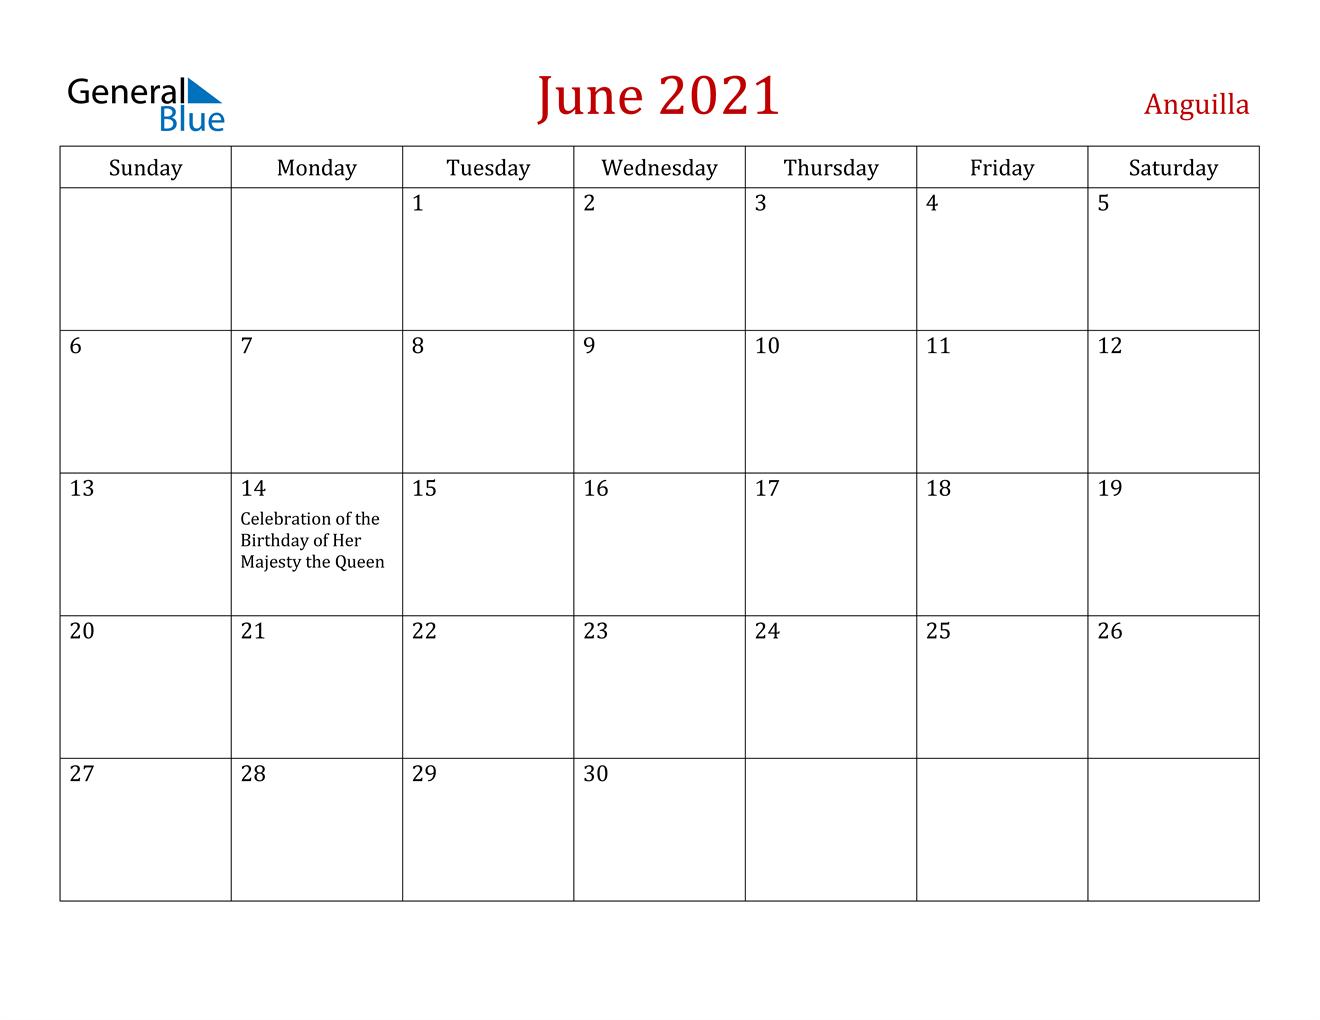 June 2021 Calendar - Anguilla